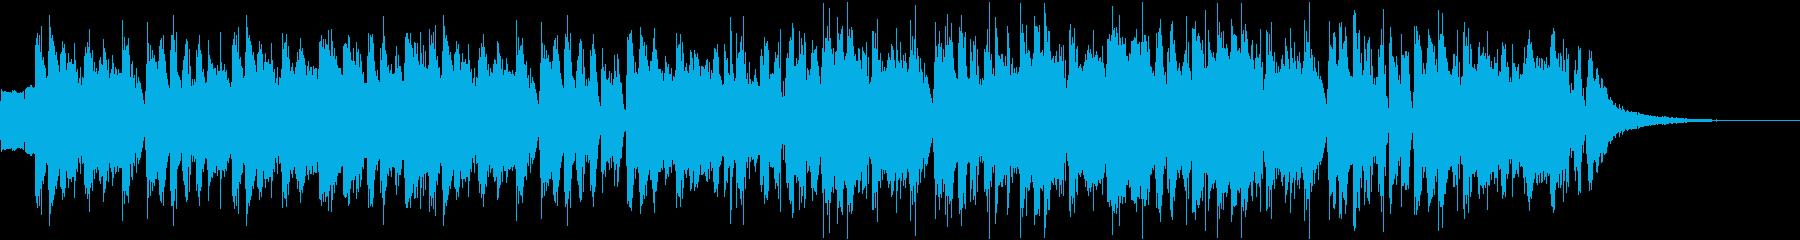 サックスのフレーズがかっこいいジングルの再生済みの波形